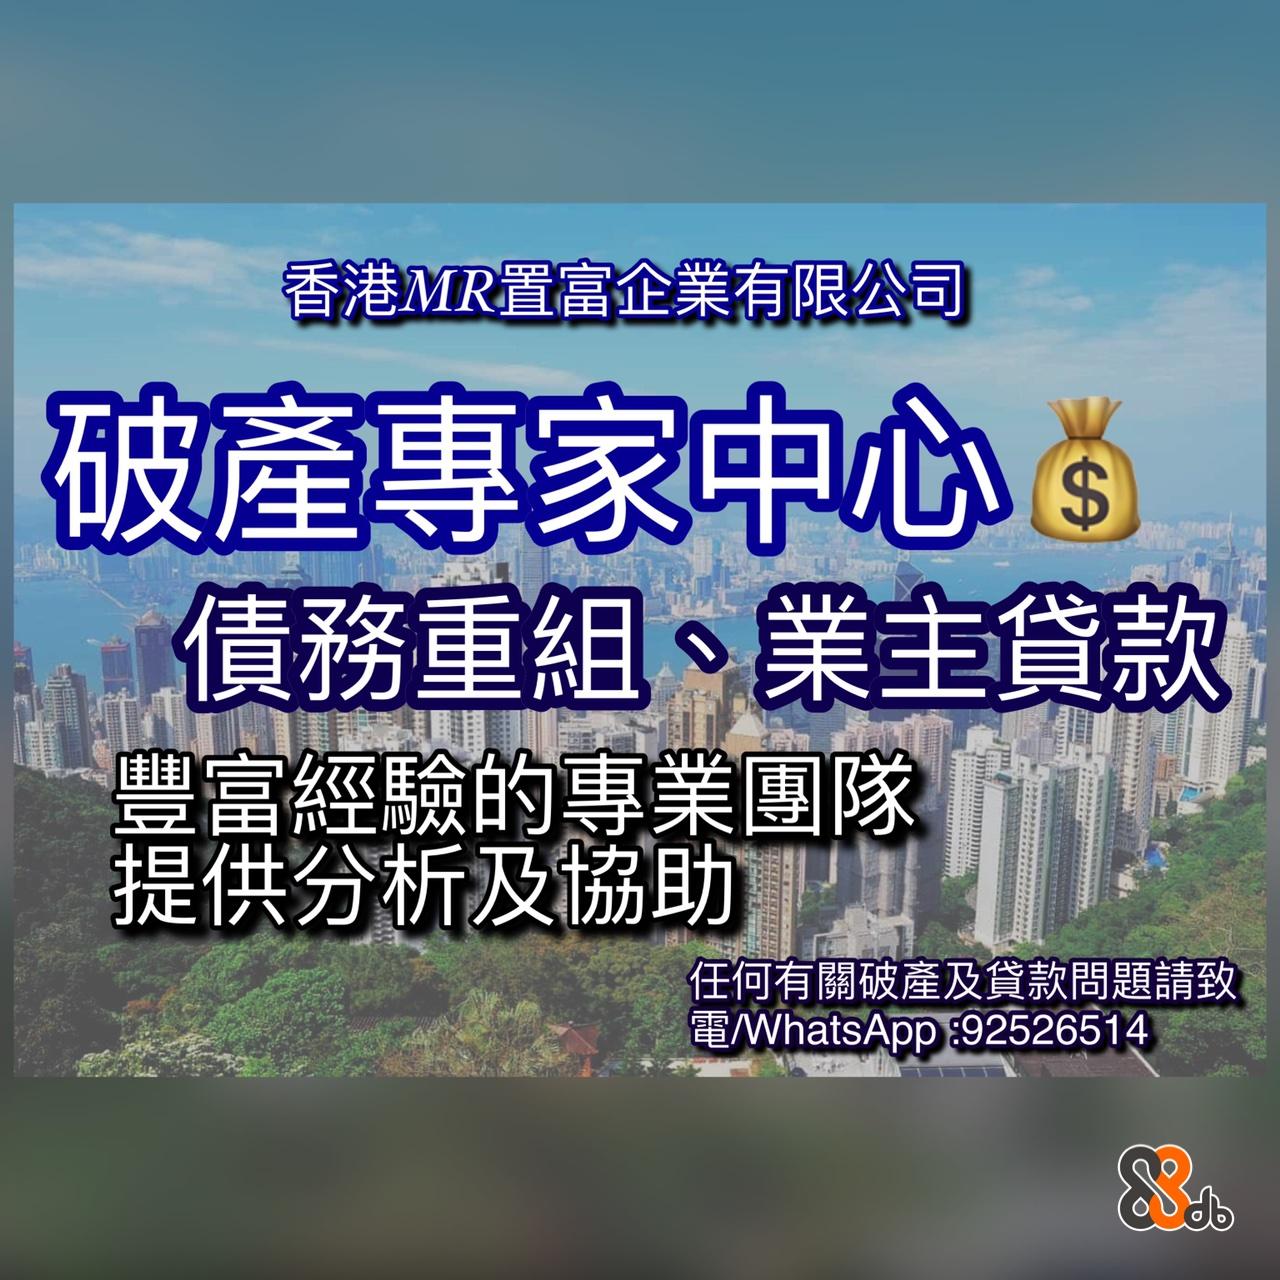 香港MR置富企業有限公司 破產專家中心S 債務重組、業主貸款 豐富經驗的專業團隊 提供分析及協助 任何有關破產及貸款問題請致 電WhatsApp 92526514  Font